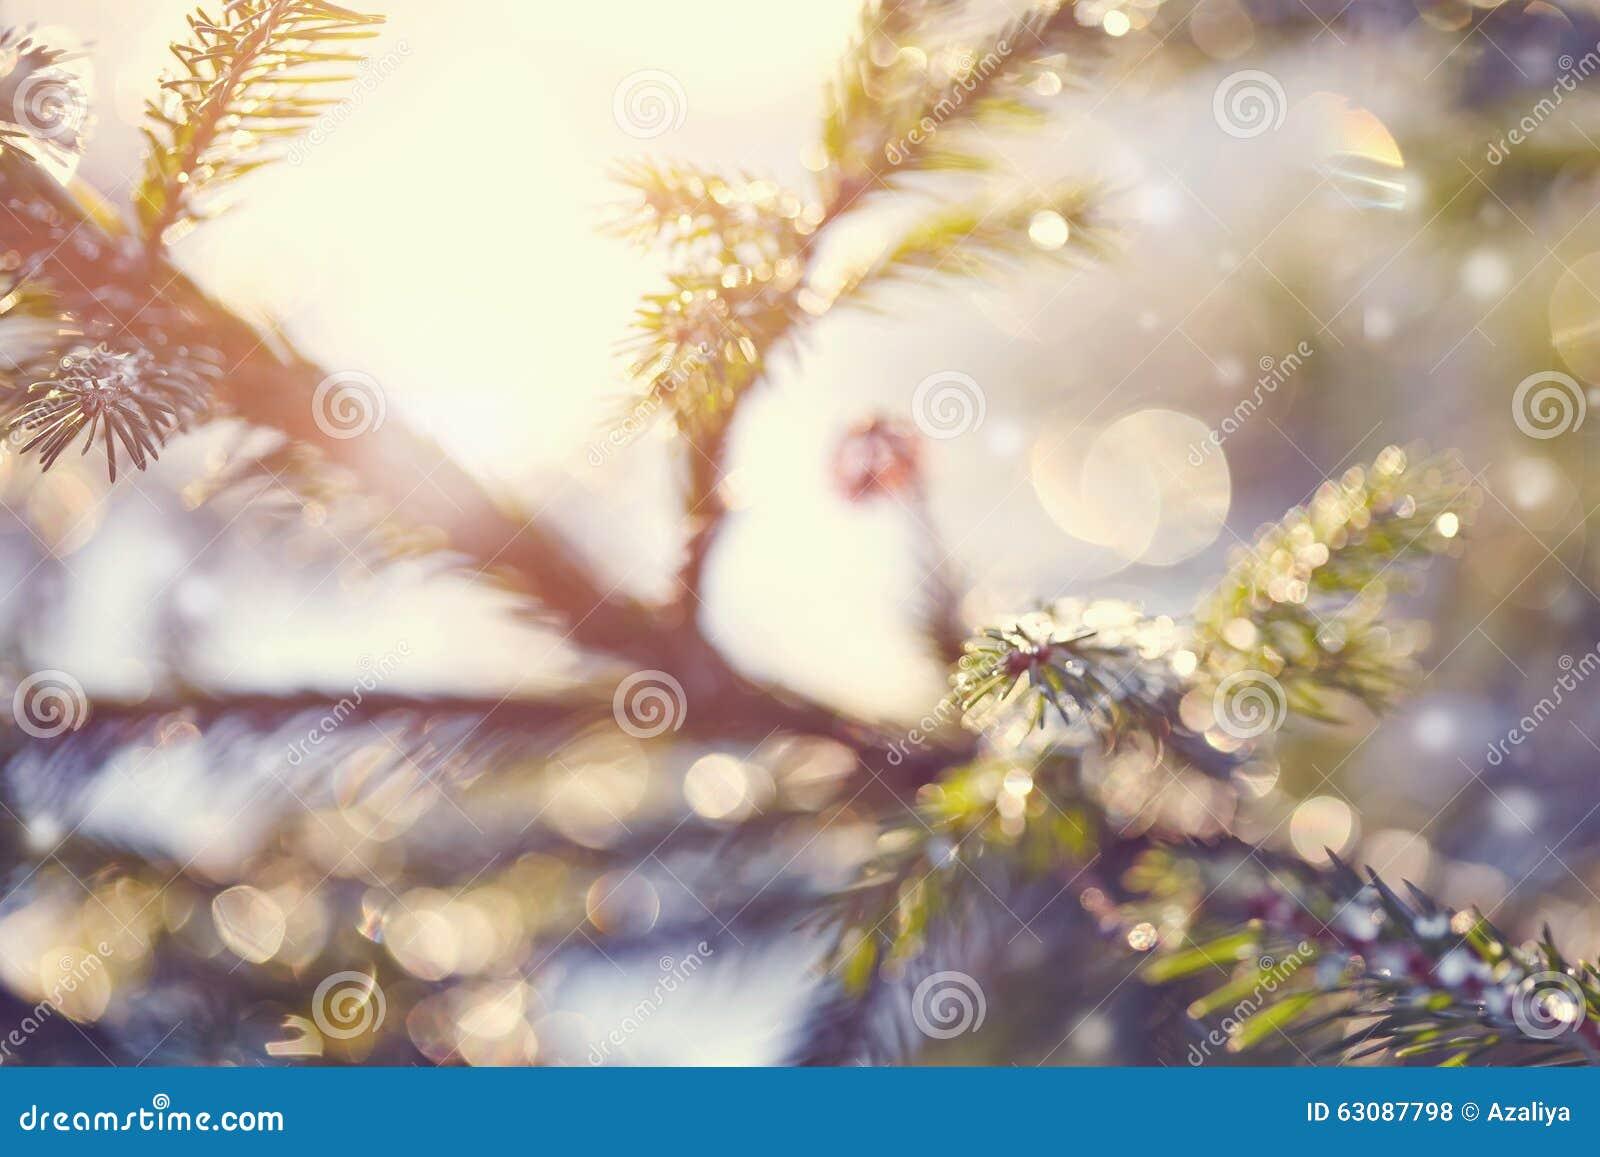 Download Fond Indistinct Avec Des Branches De Sapin Photo stock - Image du beau, mélèze: 63087798